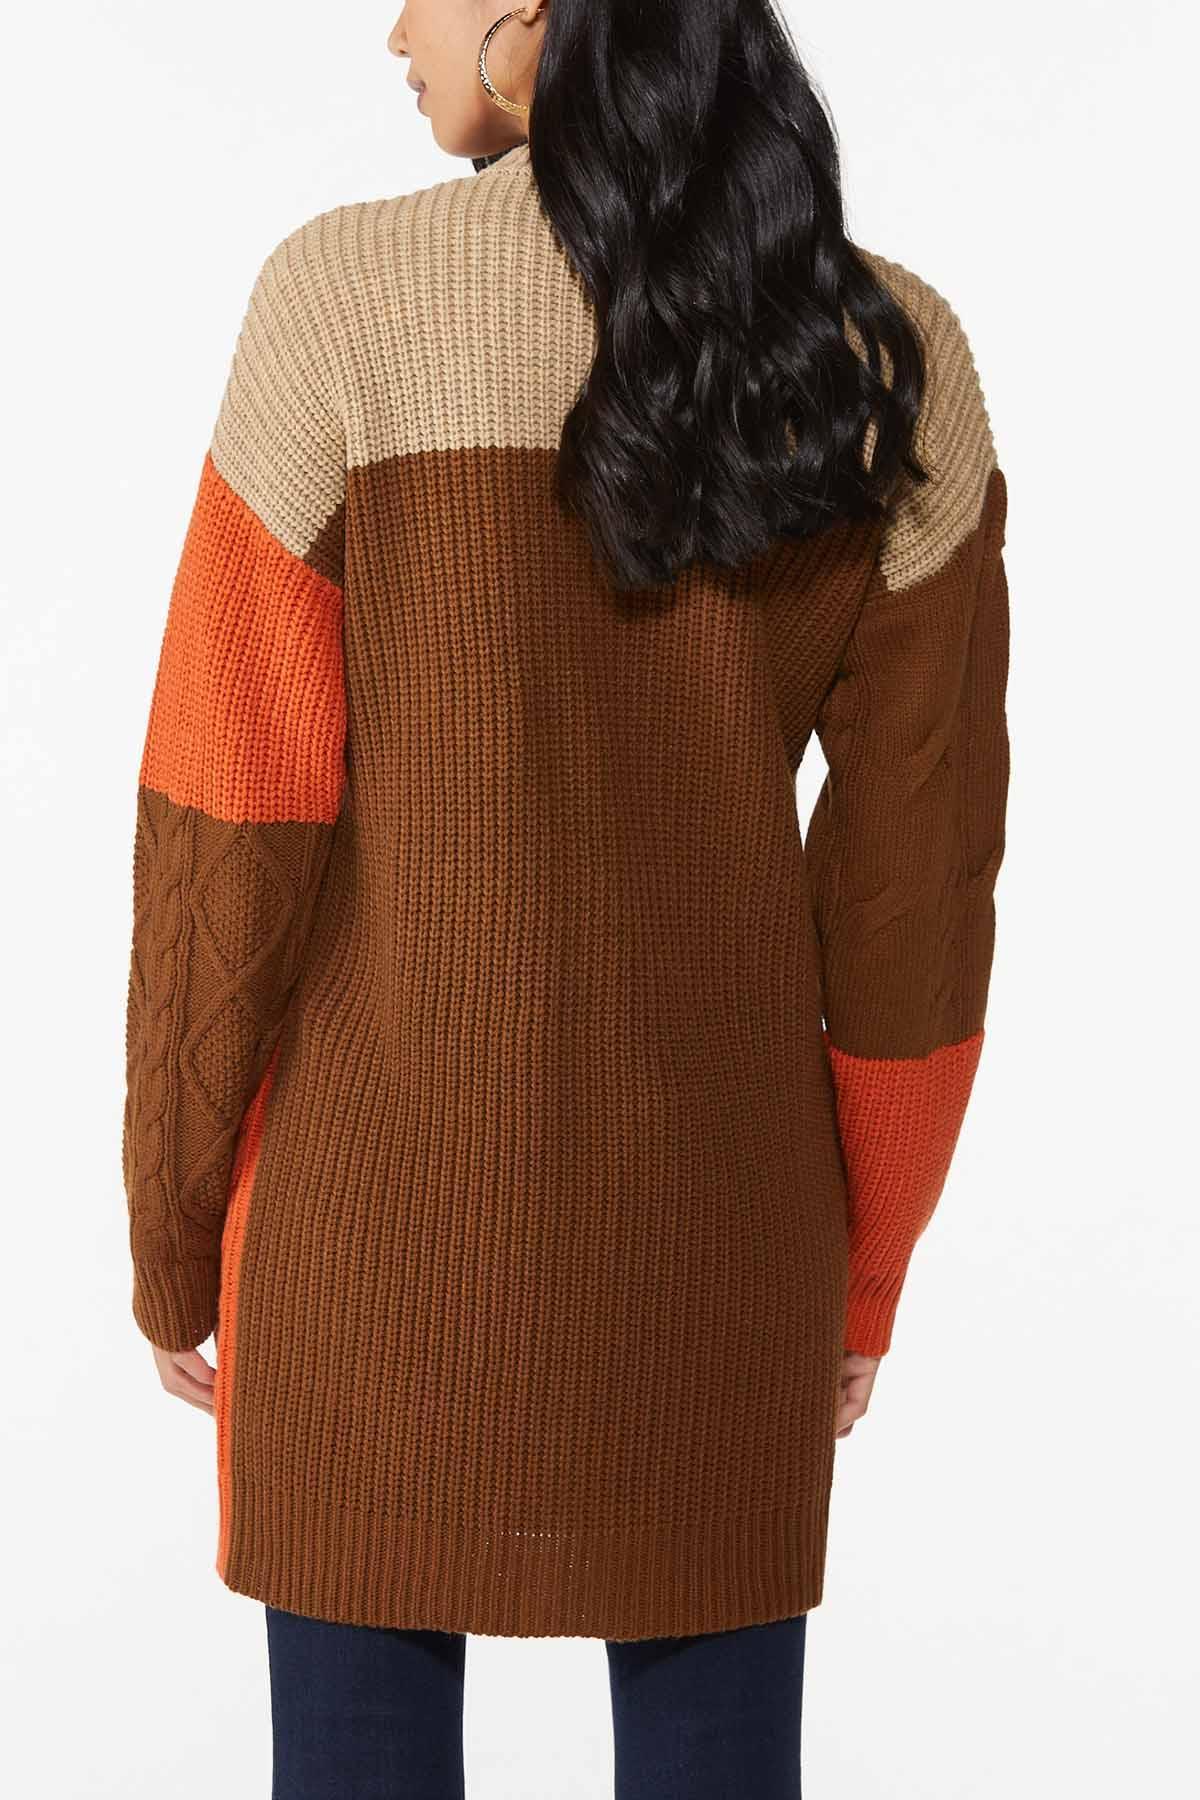 Plus Size Autumn Colorblock Cardigan Sweater (Item #44746056)